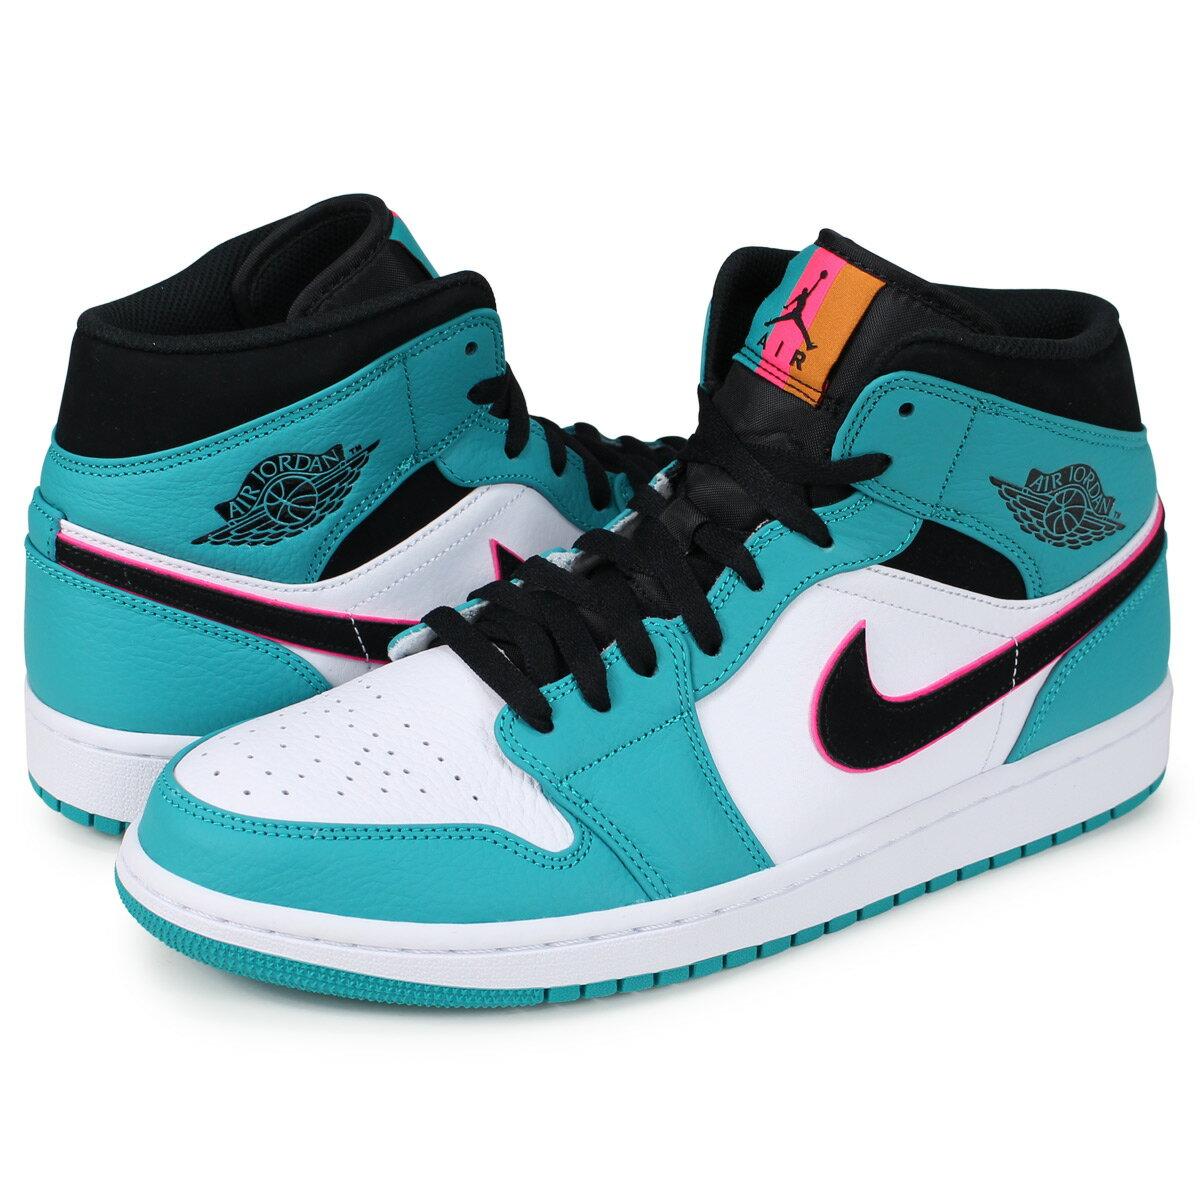 メンズ靴, スニーカー  NIKE 1 AIR JORDAN 1 MID SE SOUTH BEACH 852542-306